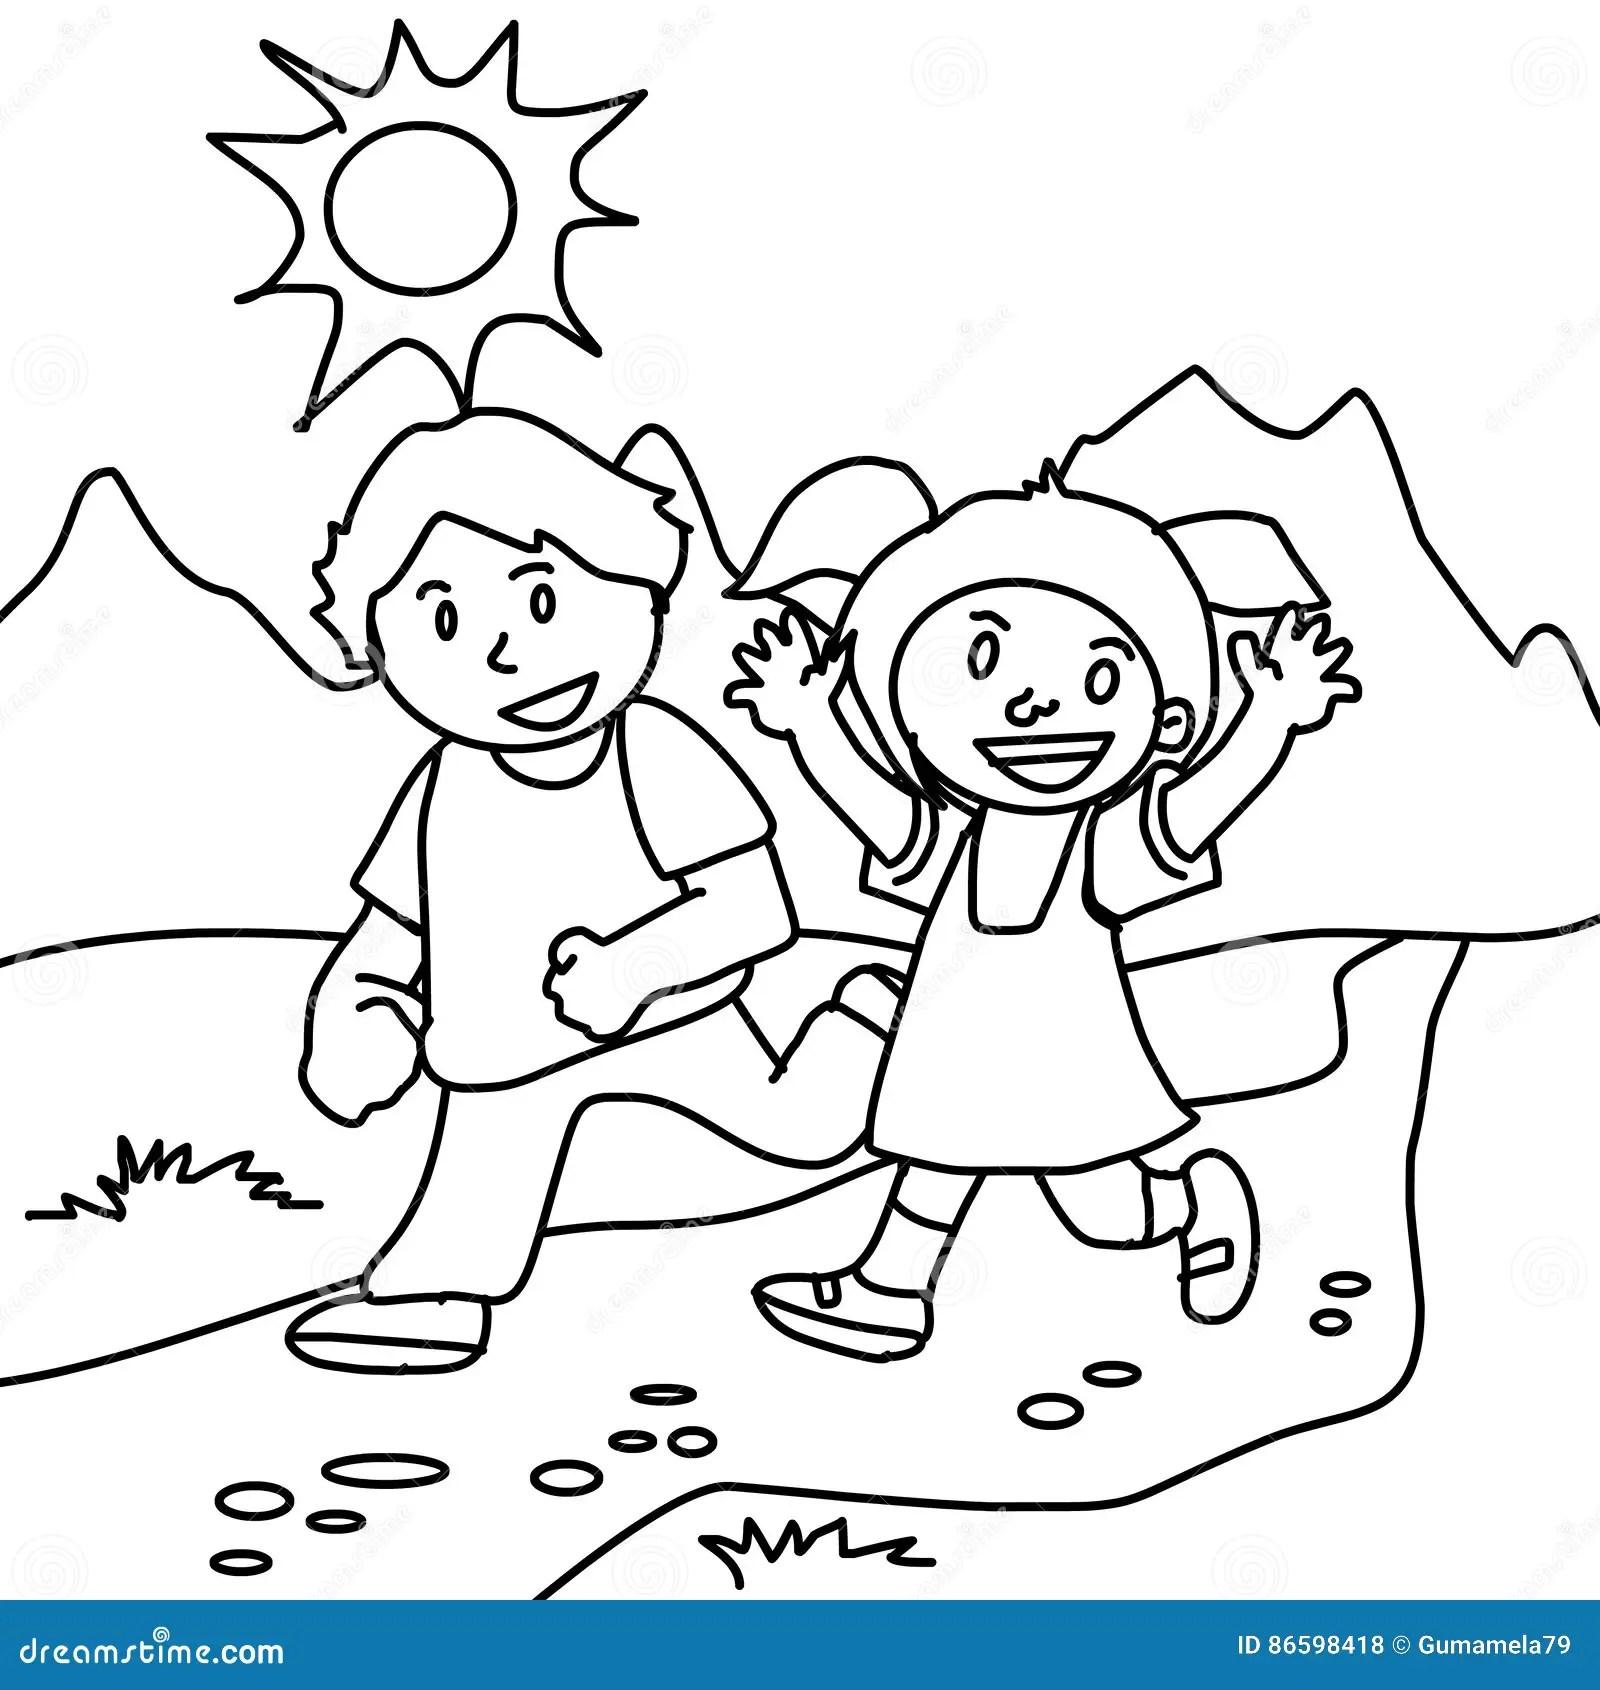 Pagina Di Camminata Di Coloritura Della Ragazza E Del Ragazzo Illustrazione Di Stock